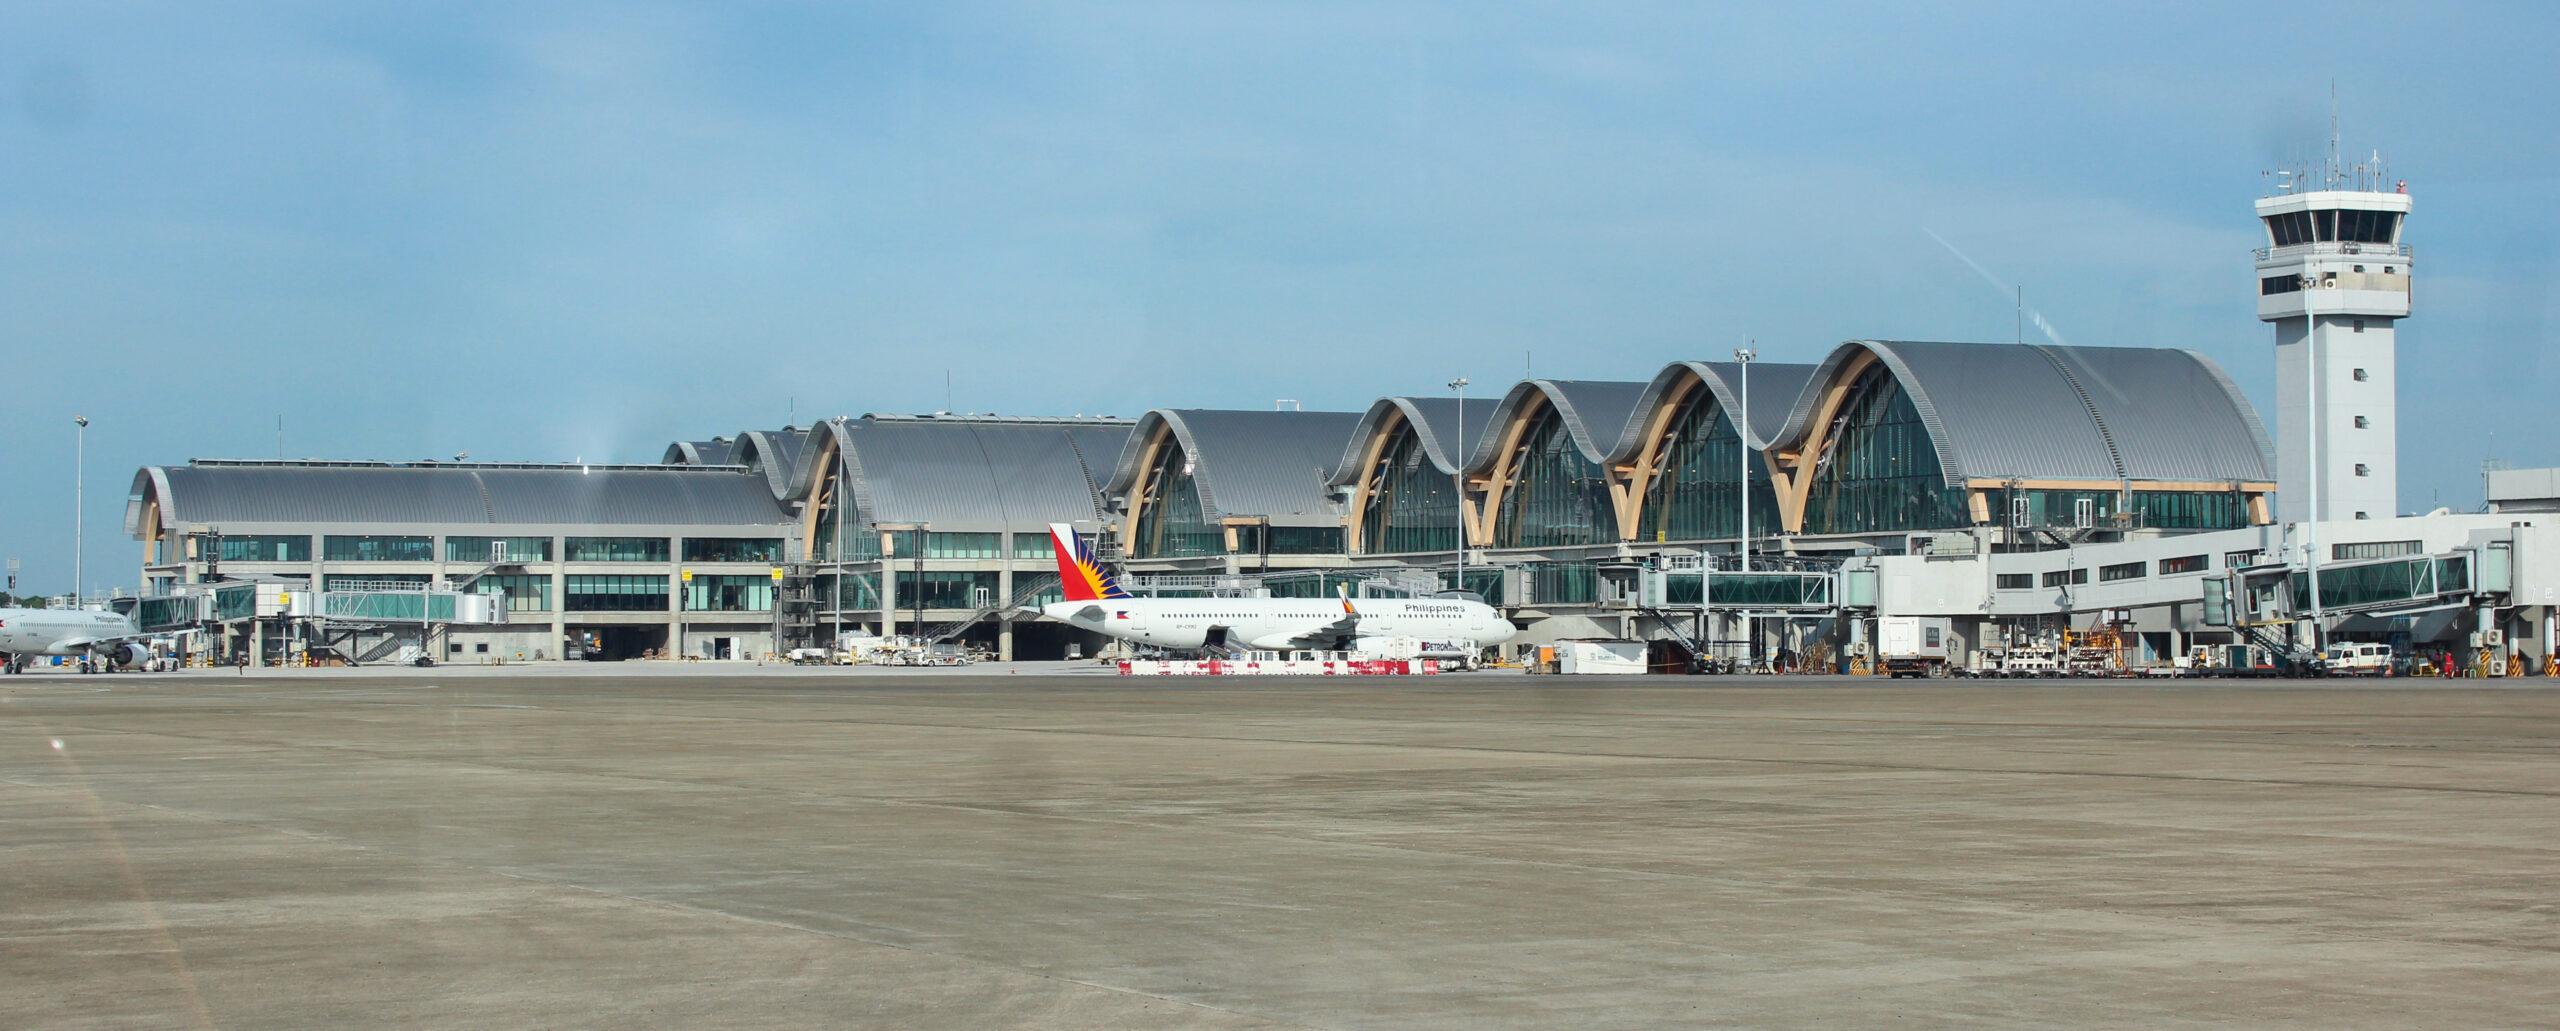 Фото аэропорта в Мактан-Себу